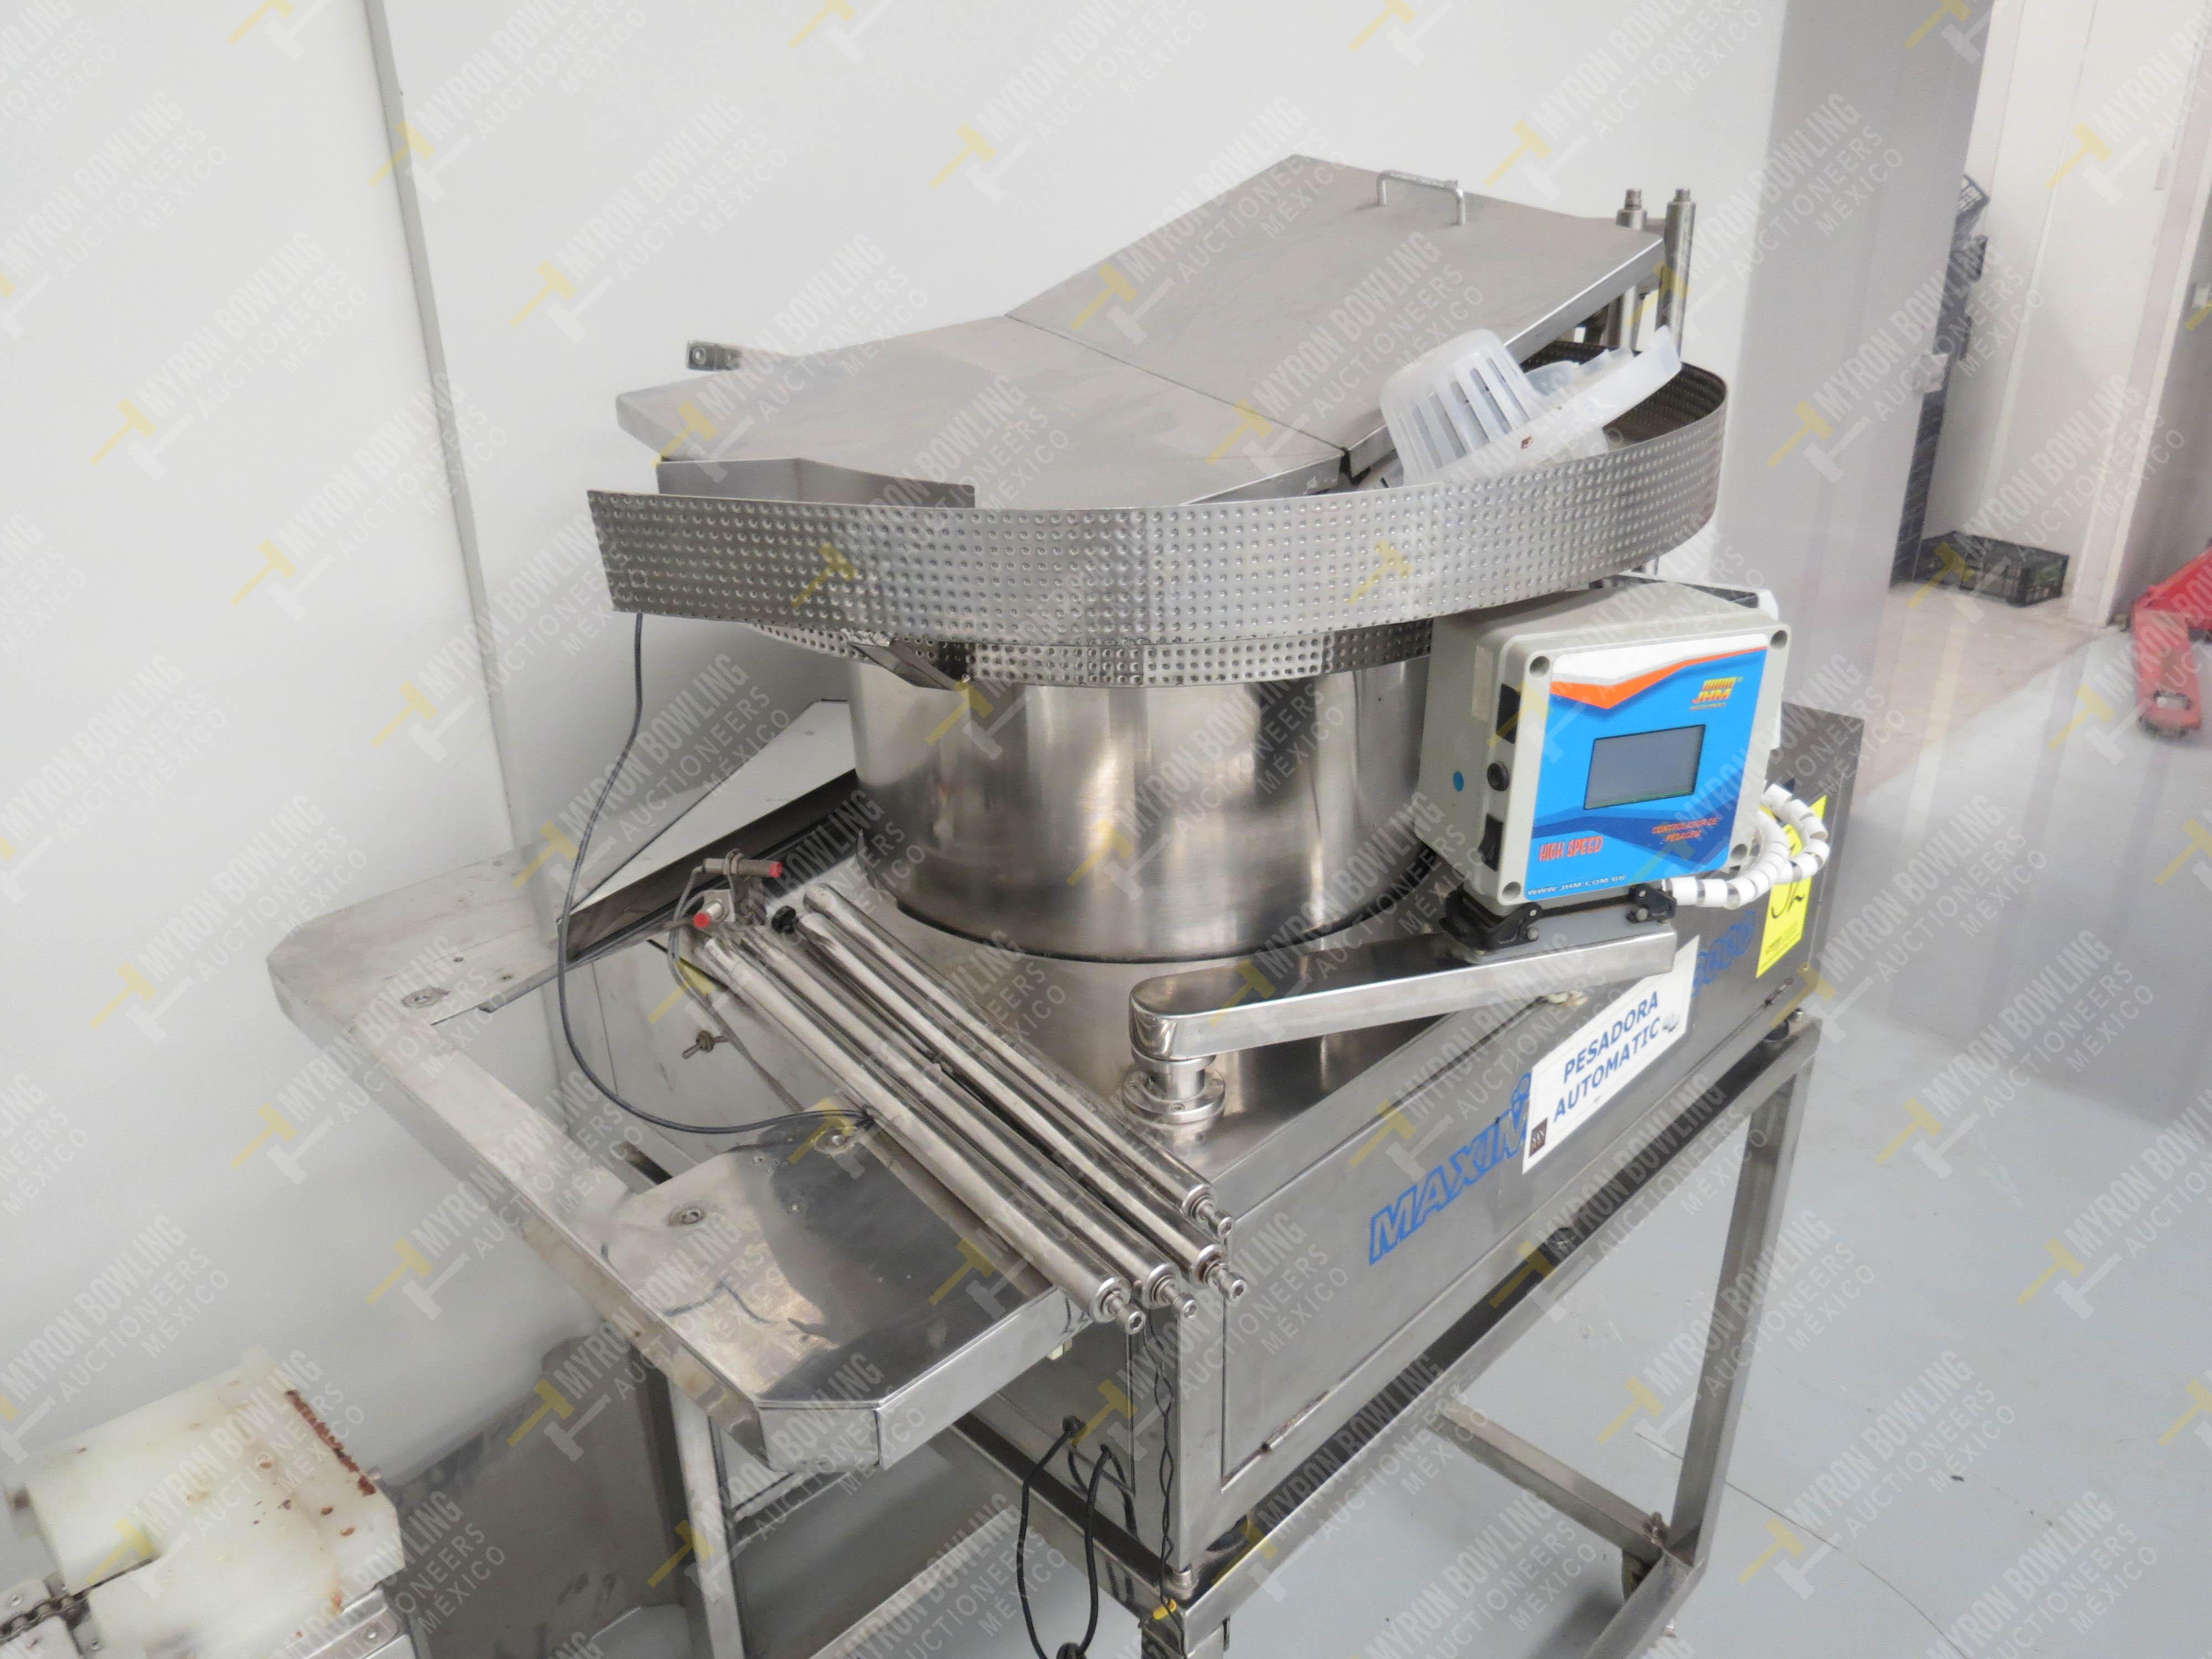 Pesadora automática de precisión marca JHM Máquinas, Modelo Maximatic CLP 3000 Incluye … - Image 5 of 5